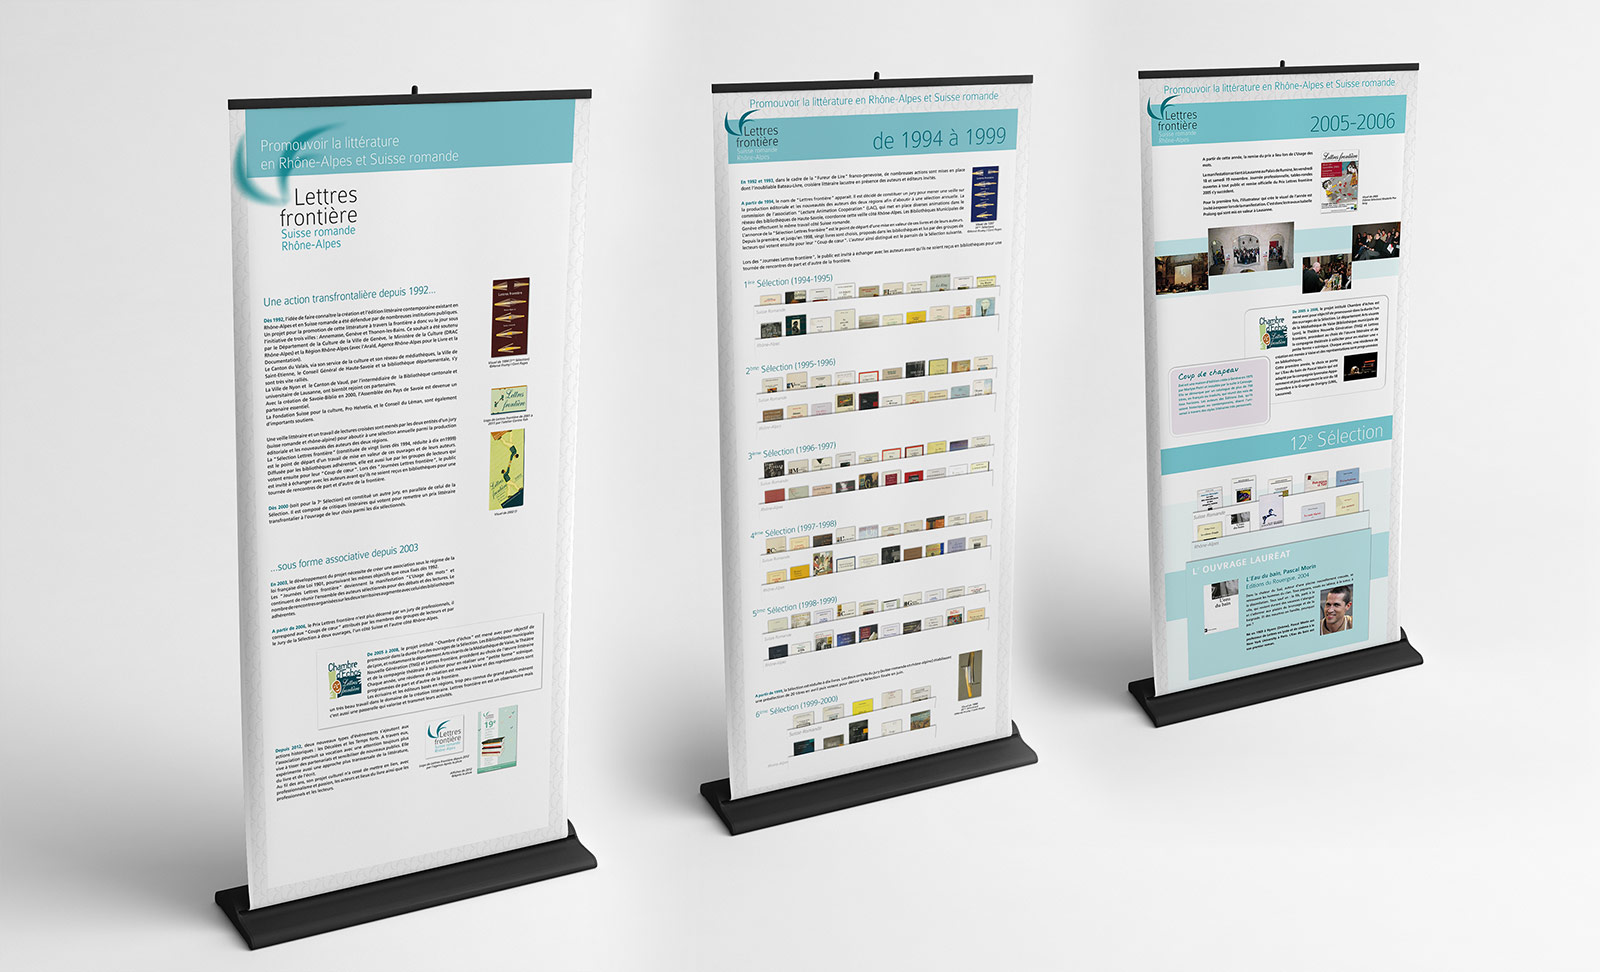 Trois panneaux de l'exposition des vingt ans de l'association Lettres frontière